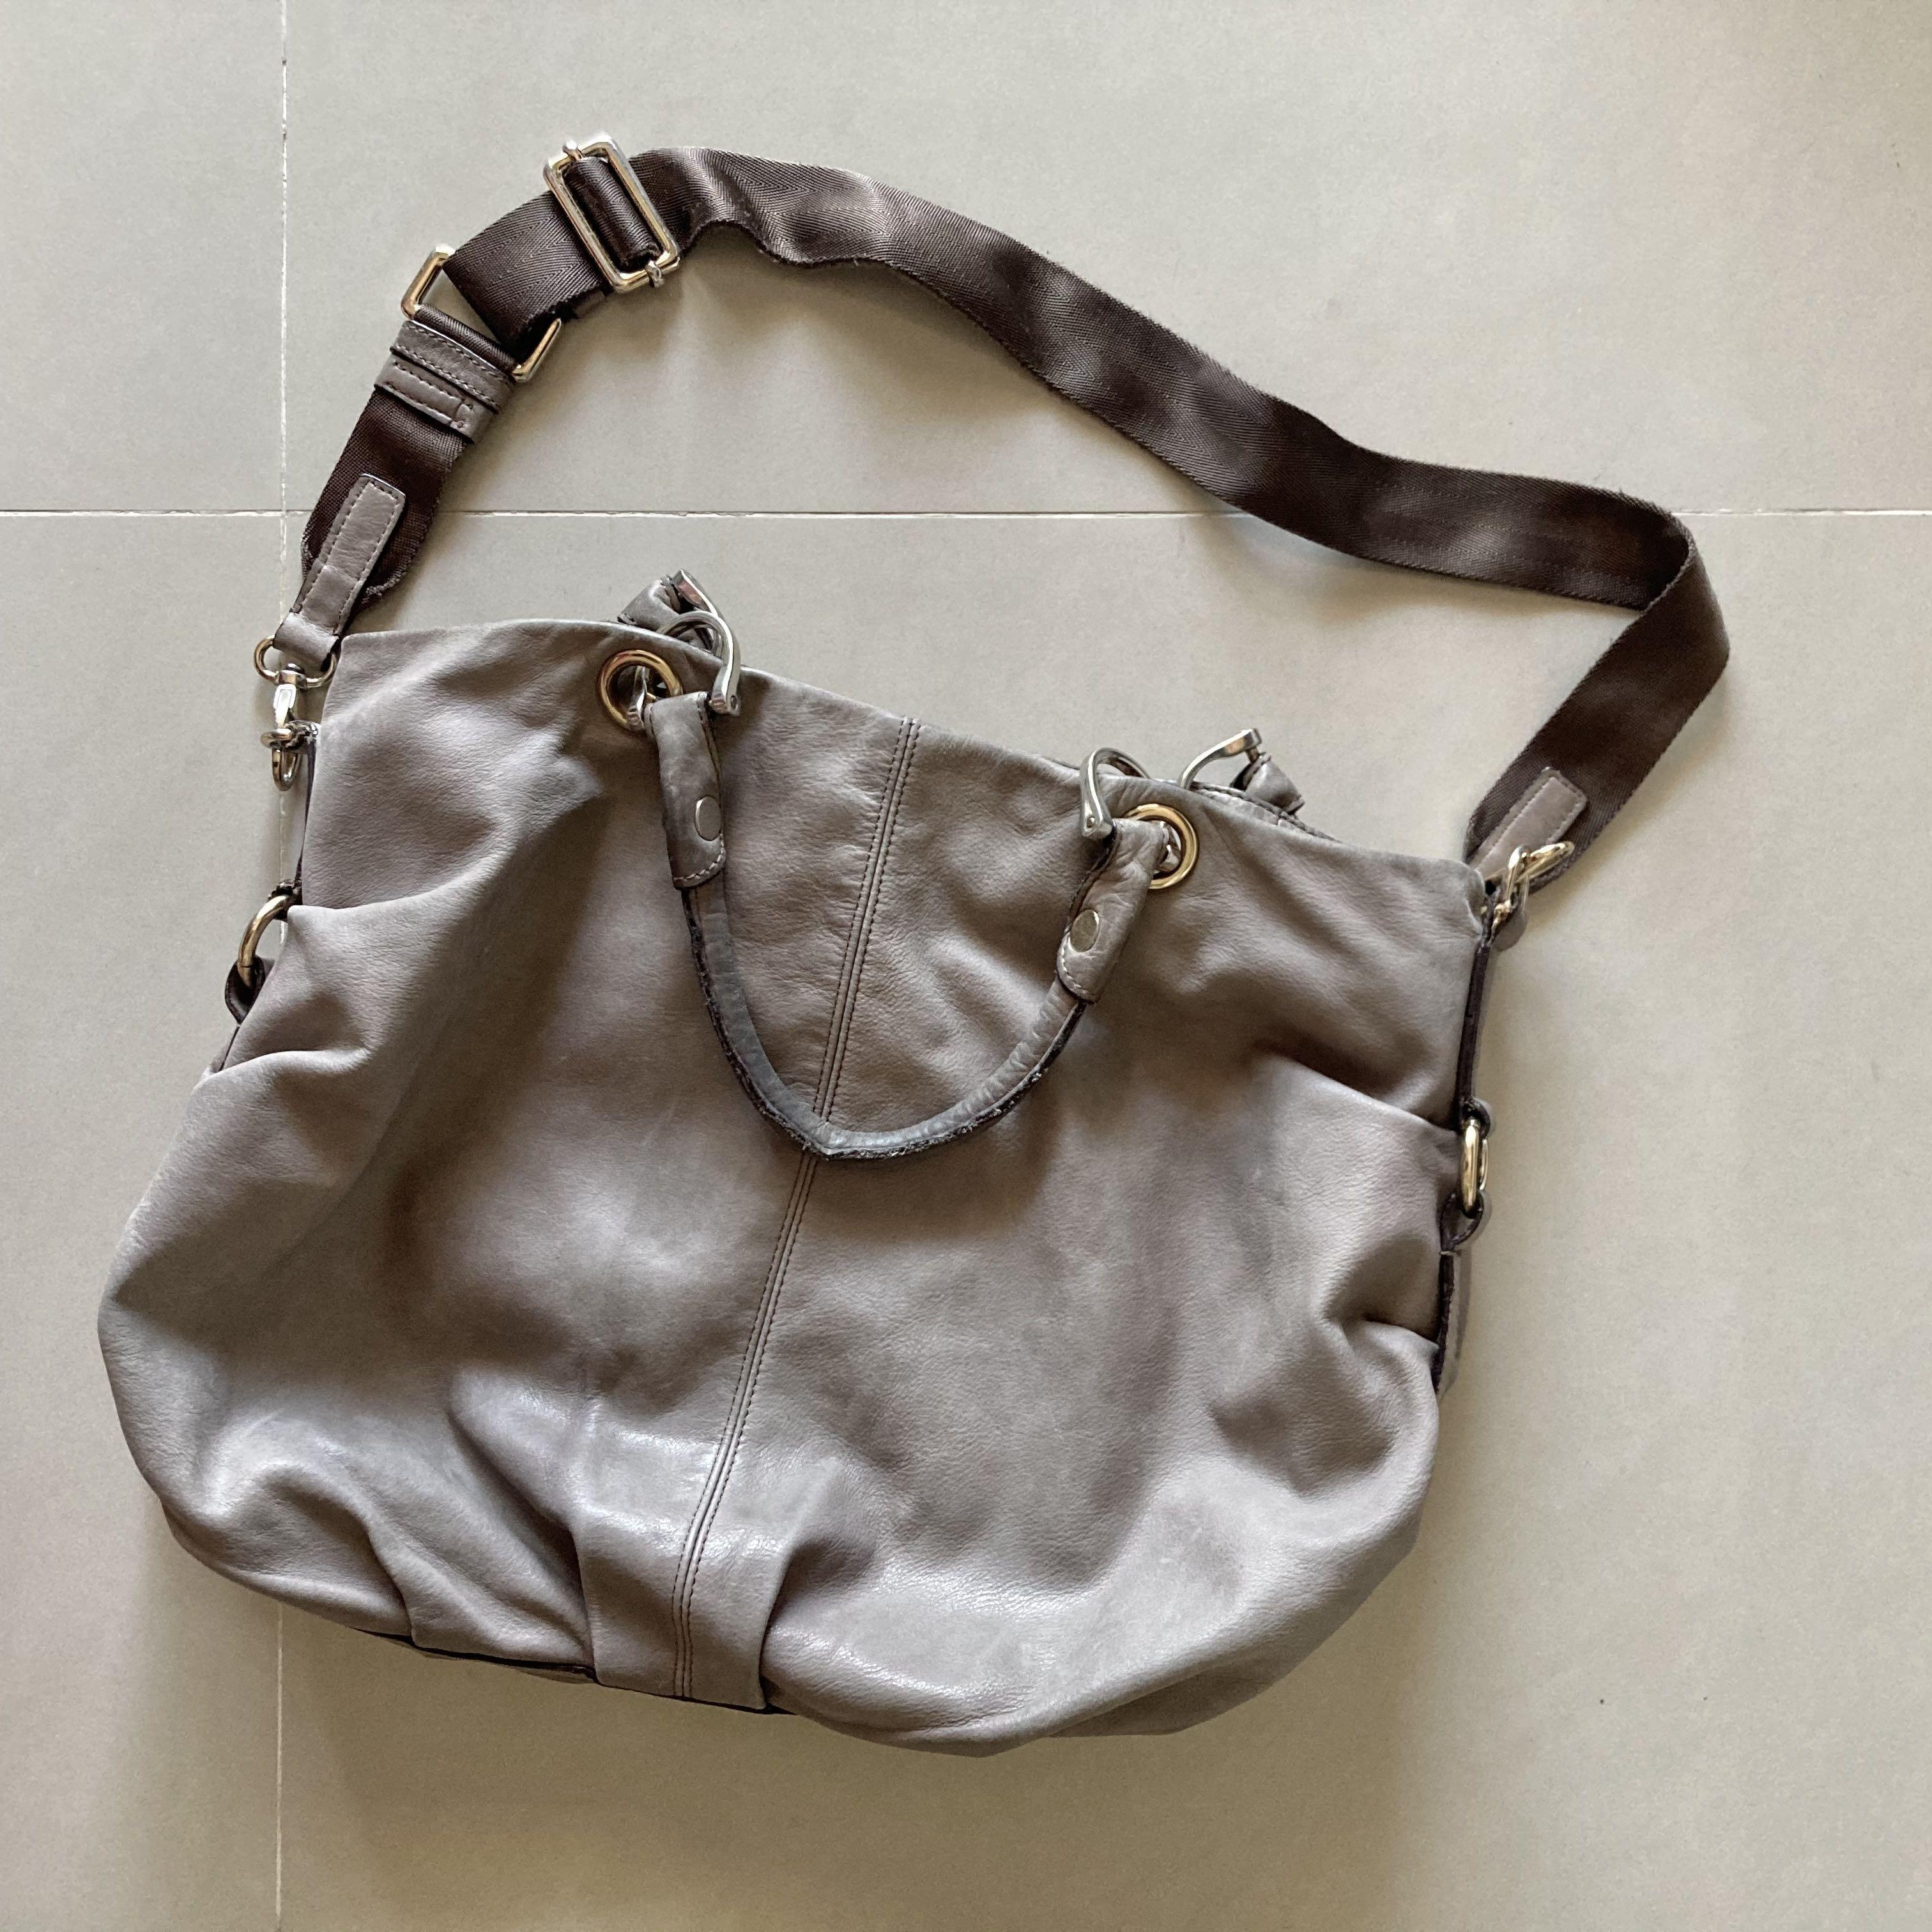 原價破萬💸 RABEANCO 專櫃 灰色真皮大容量手提包 側背包 肩背包 斜跨包 #開運紅 #開工